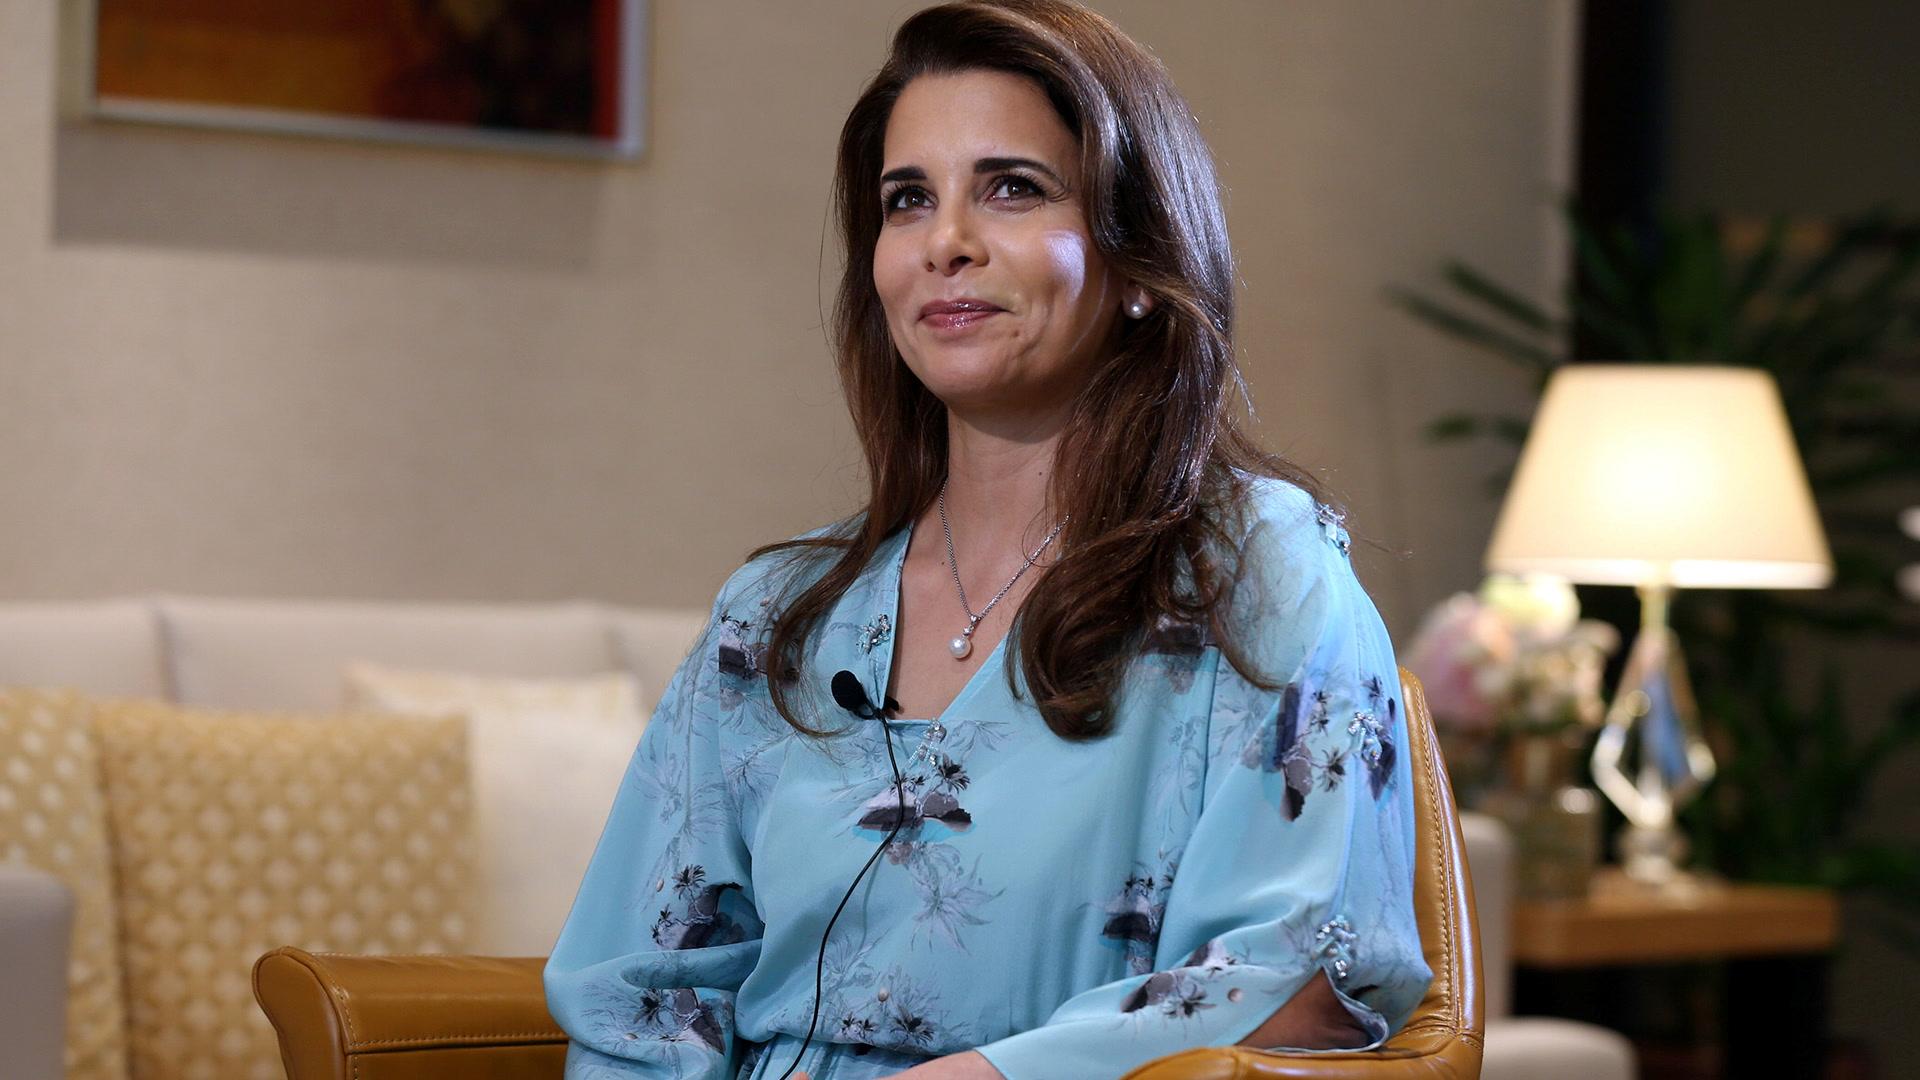 Las decisiones de Haya de Jordania: De una huida en secreto al juicio por el divorcio